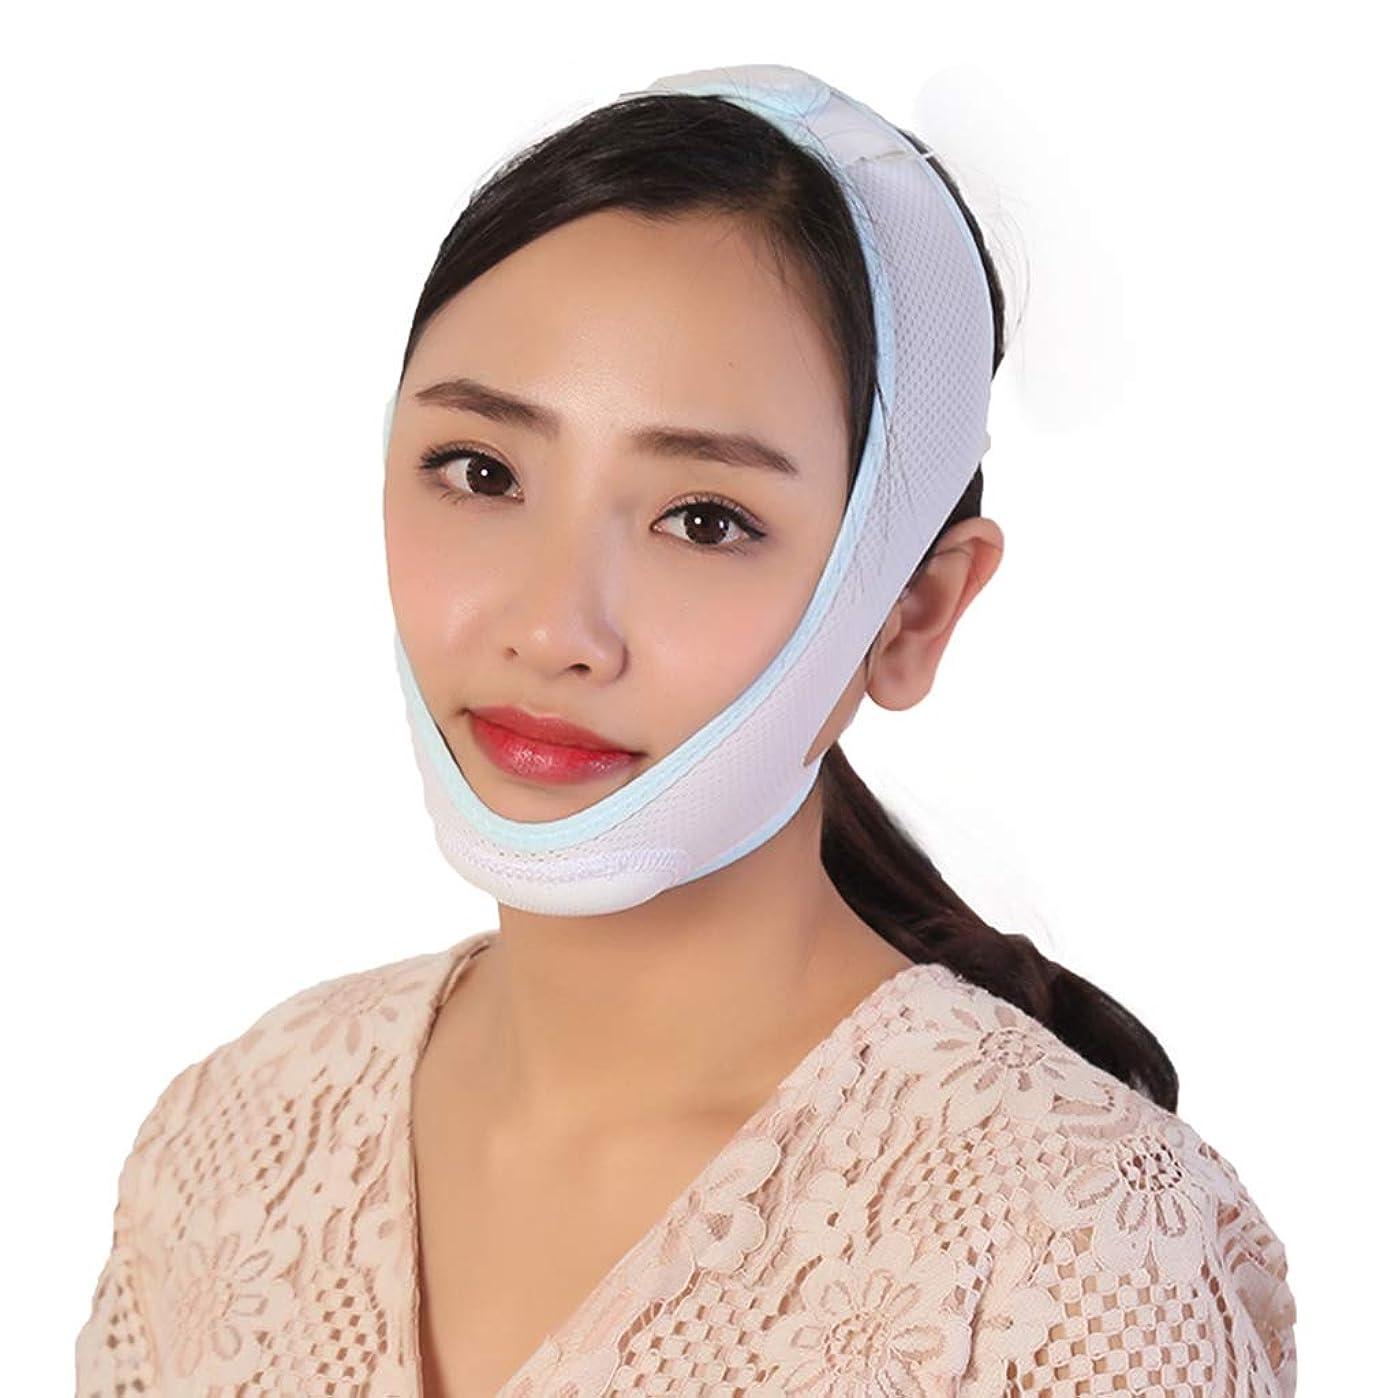 田舎者木材強い顔の顔を持ち上げる顔のマスクを改善するために快適な顔面曲線包括的通気性包帯